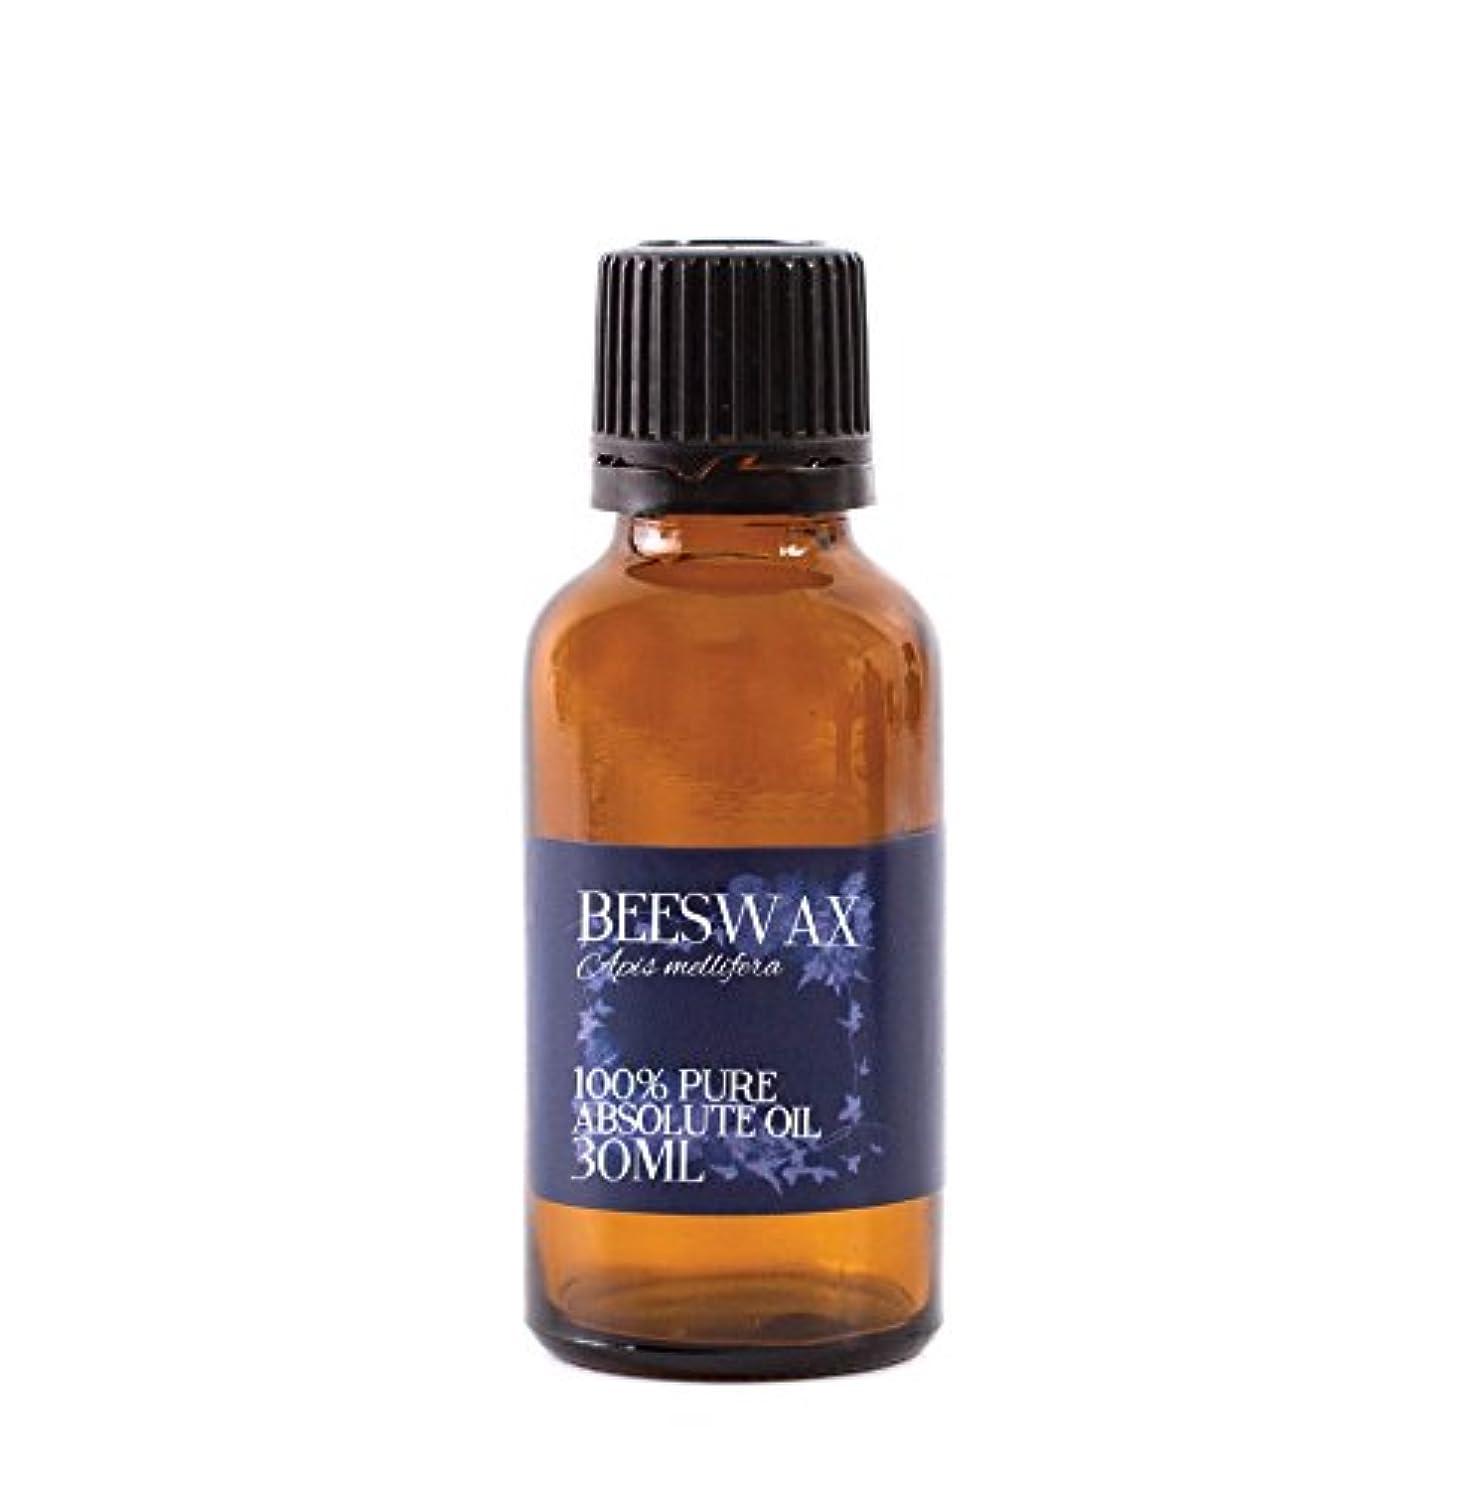 化学はさみ治安判事Beeswax Absolute Oil 30ml - 100% Pure